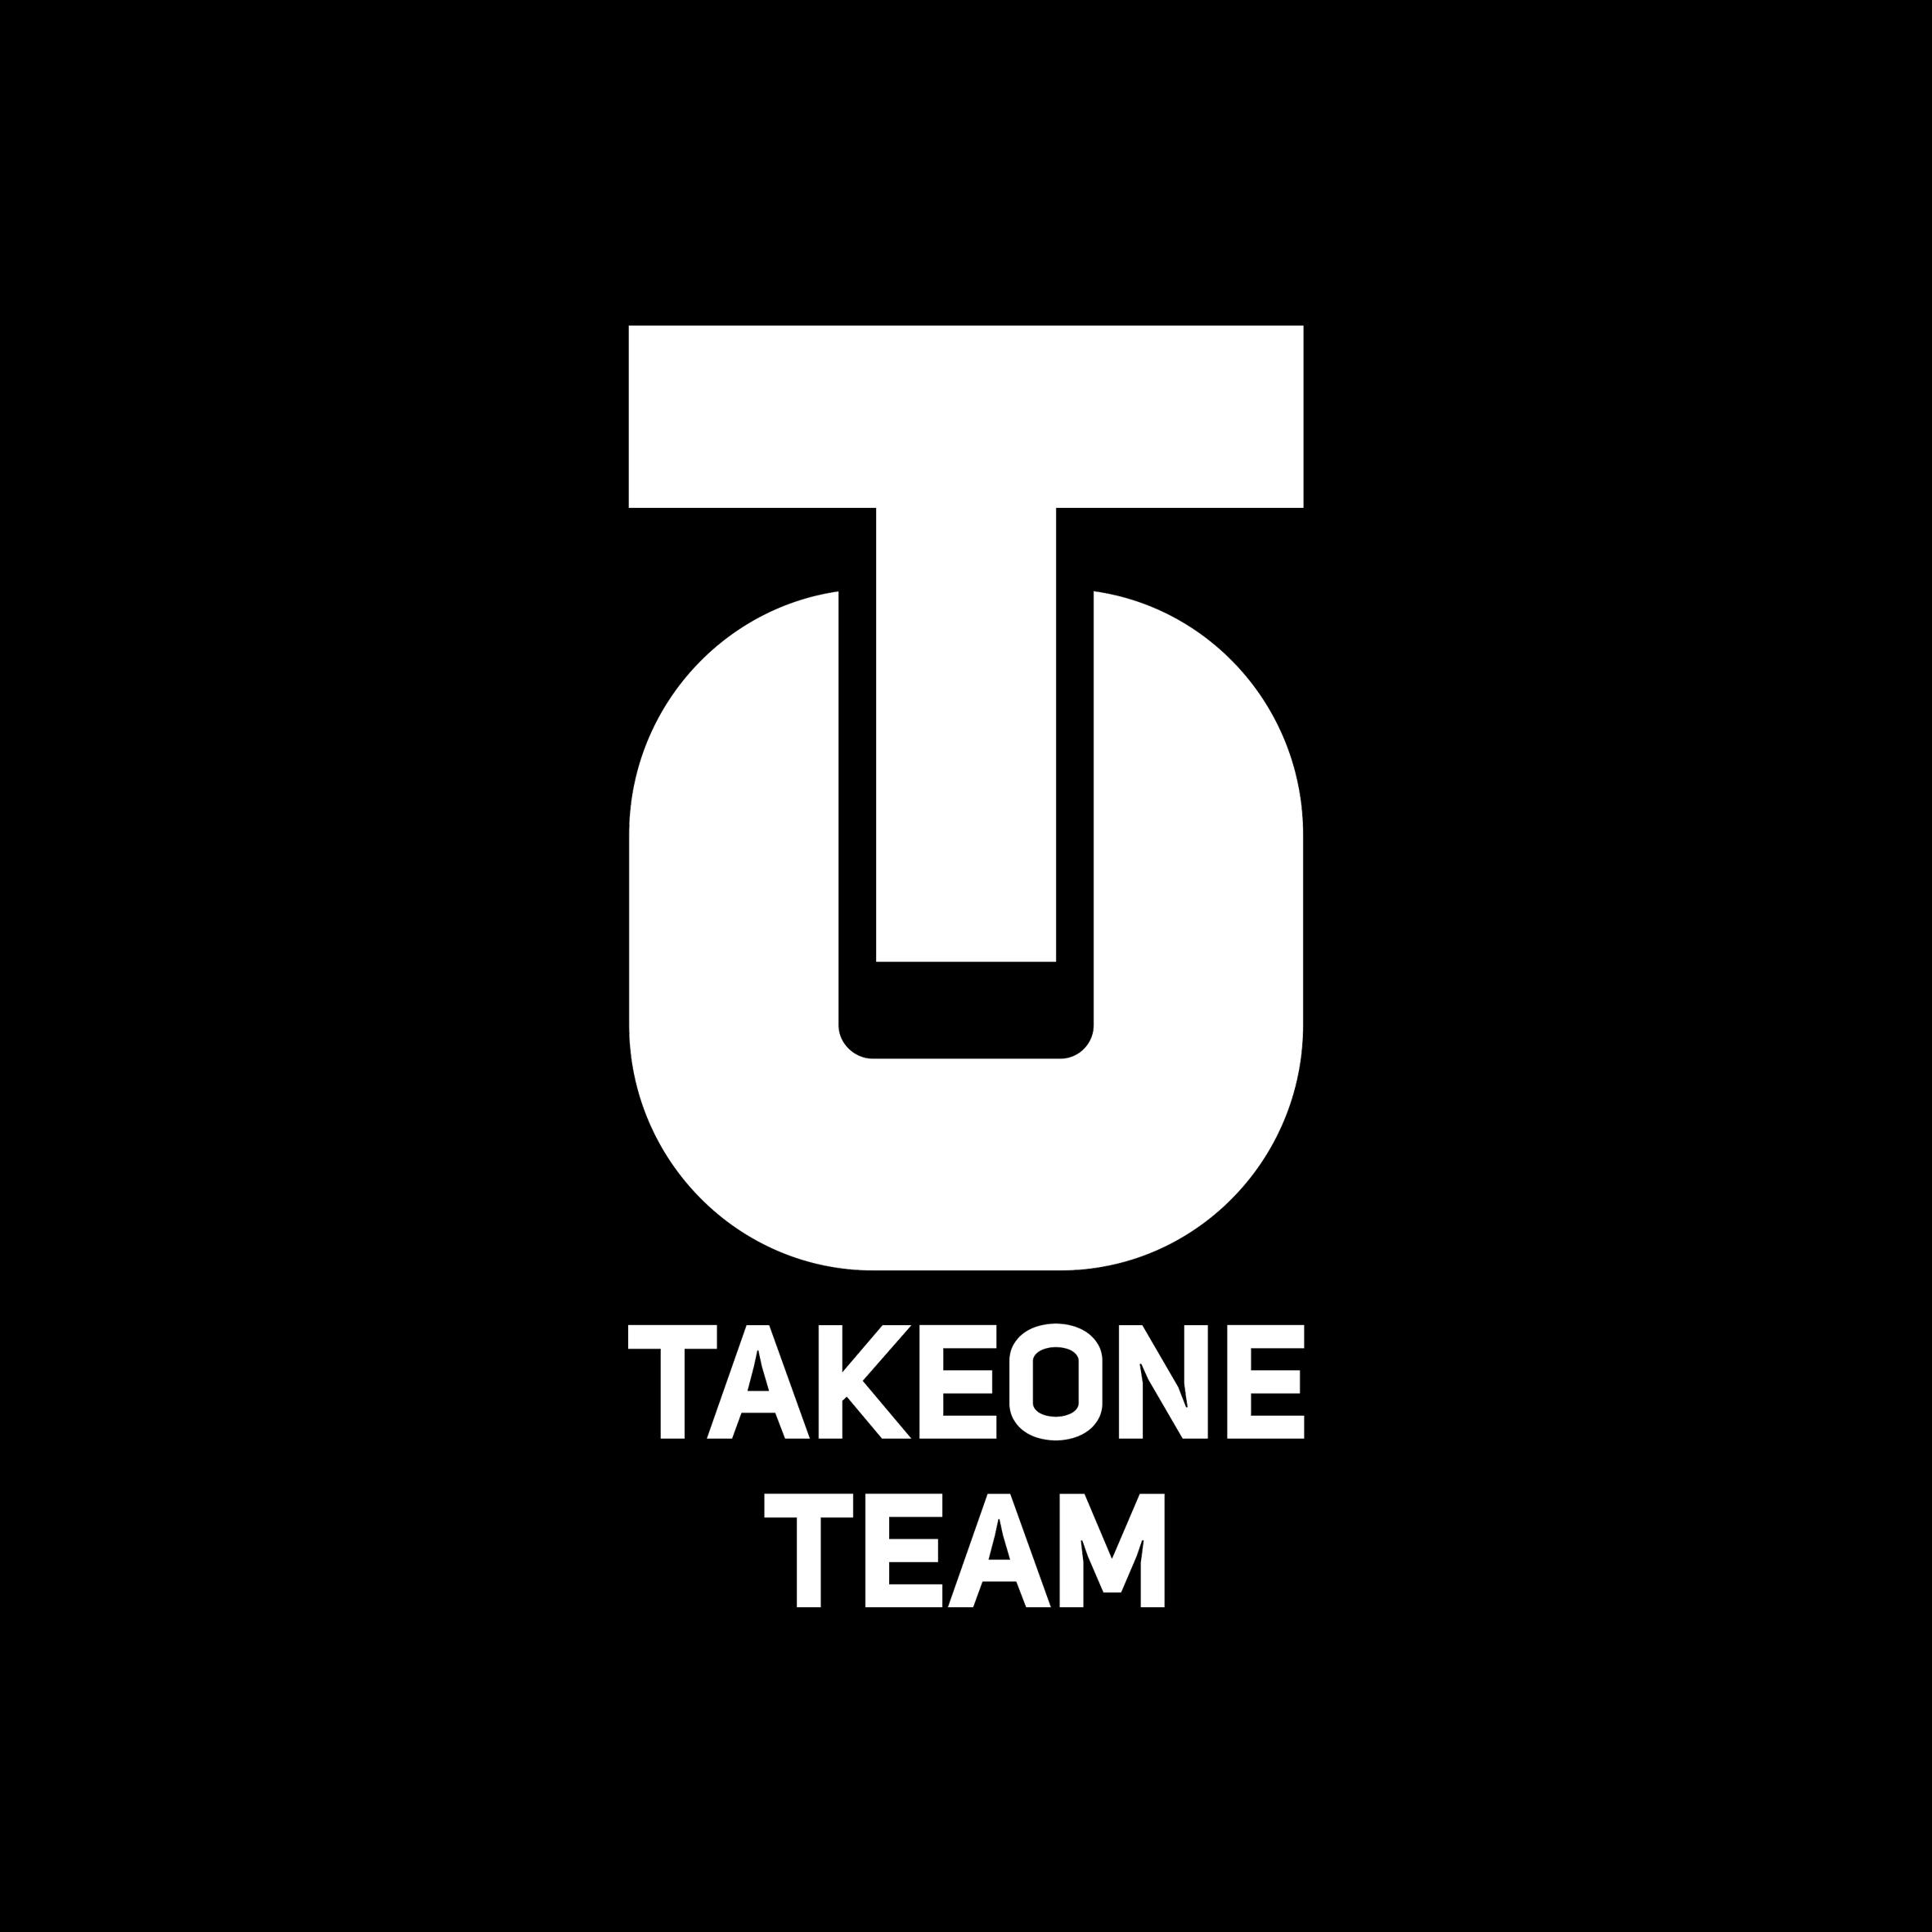 TakeOneTeam